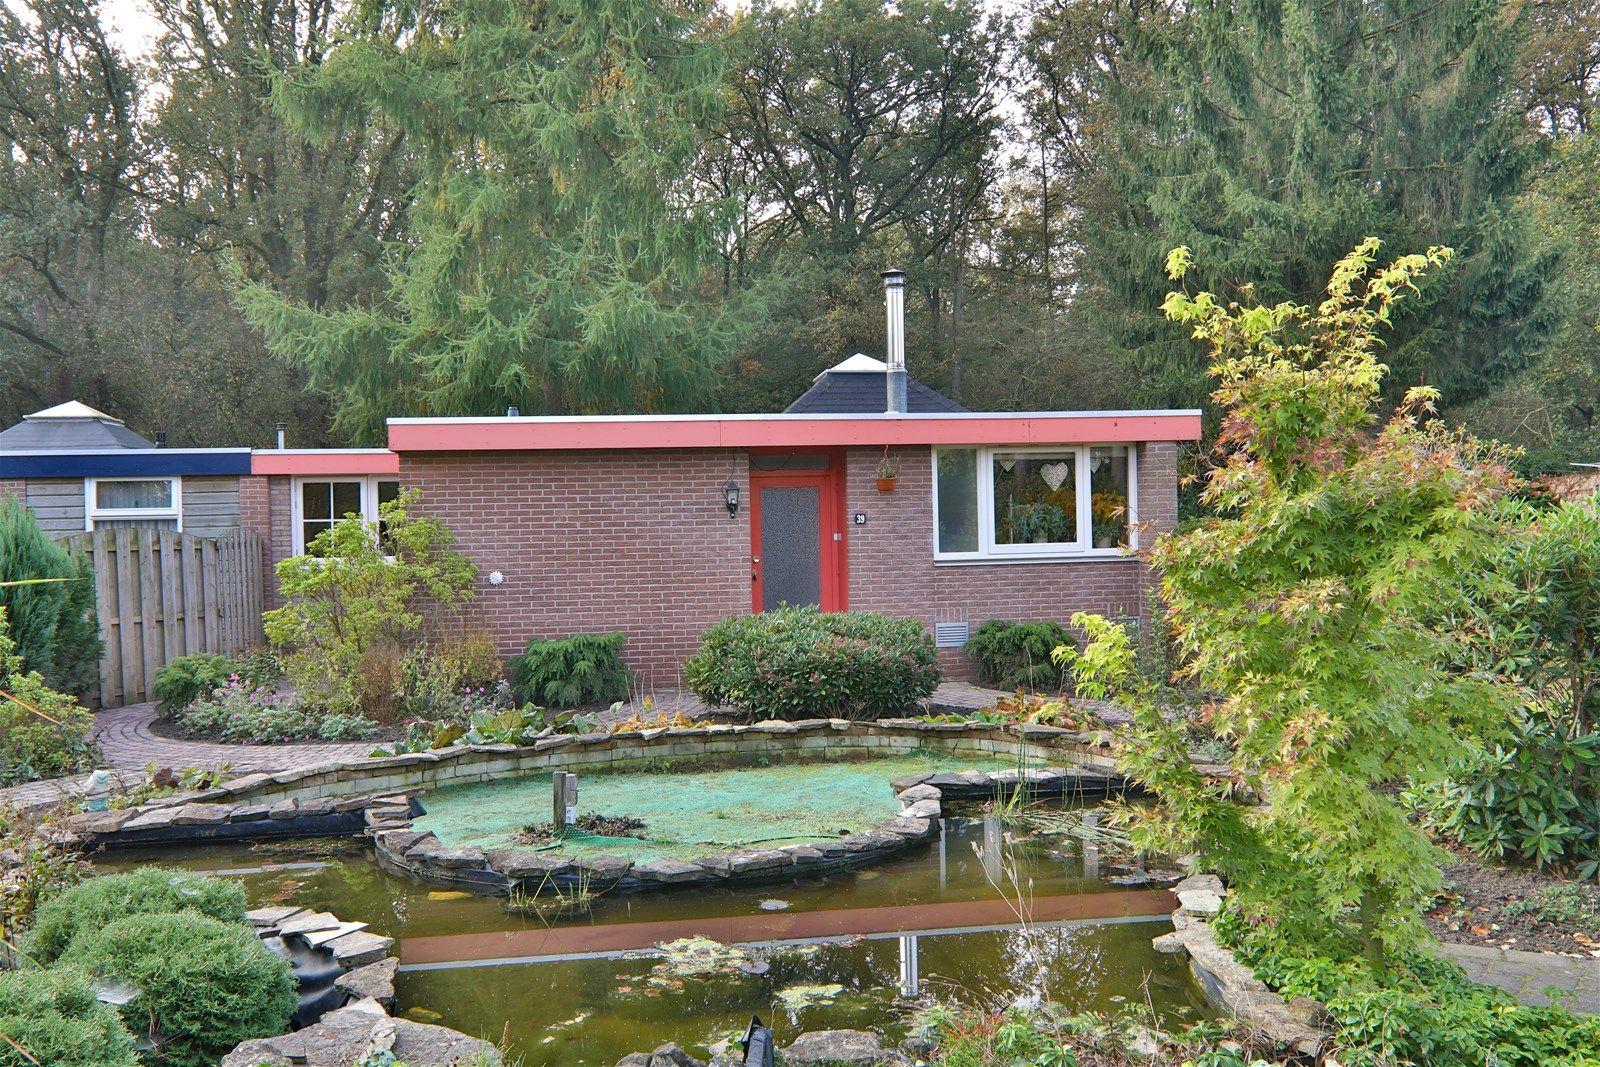 Meerboomweg 39, Hollandscheveld